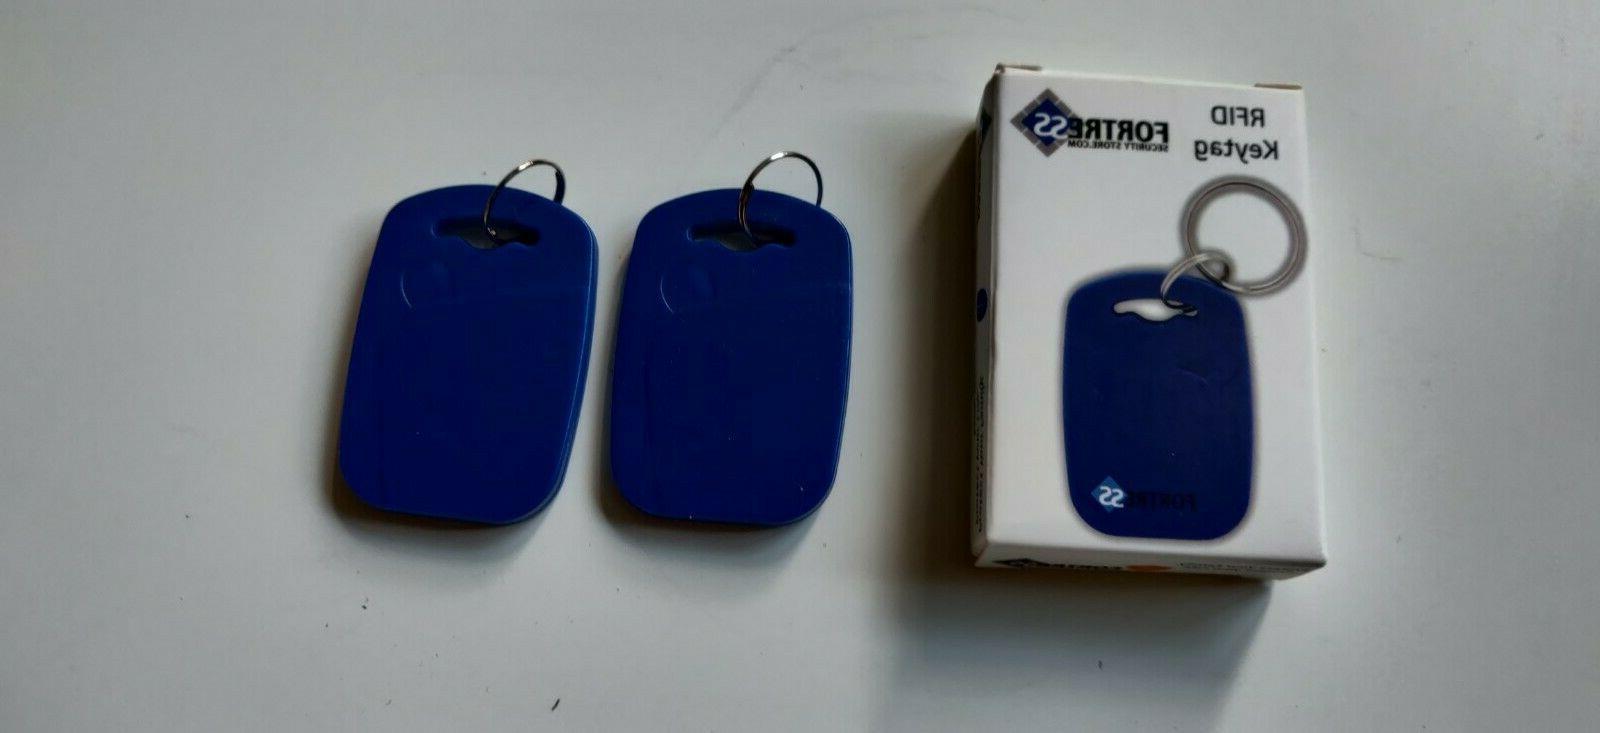 rfid keytag wireless home security alarm system